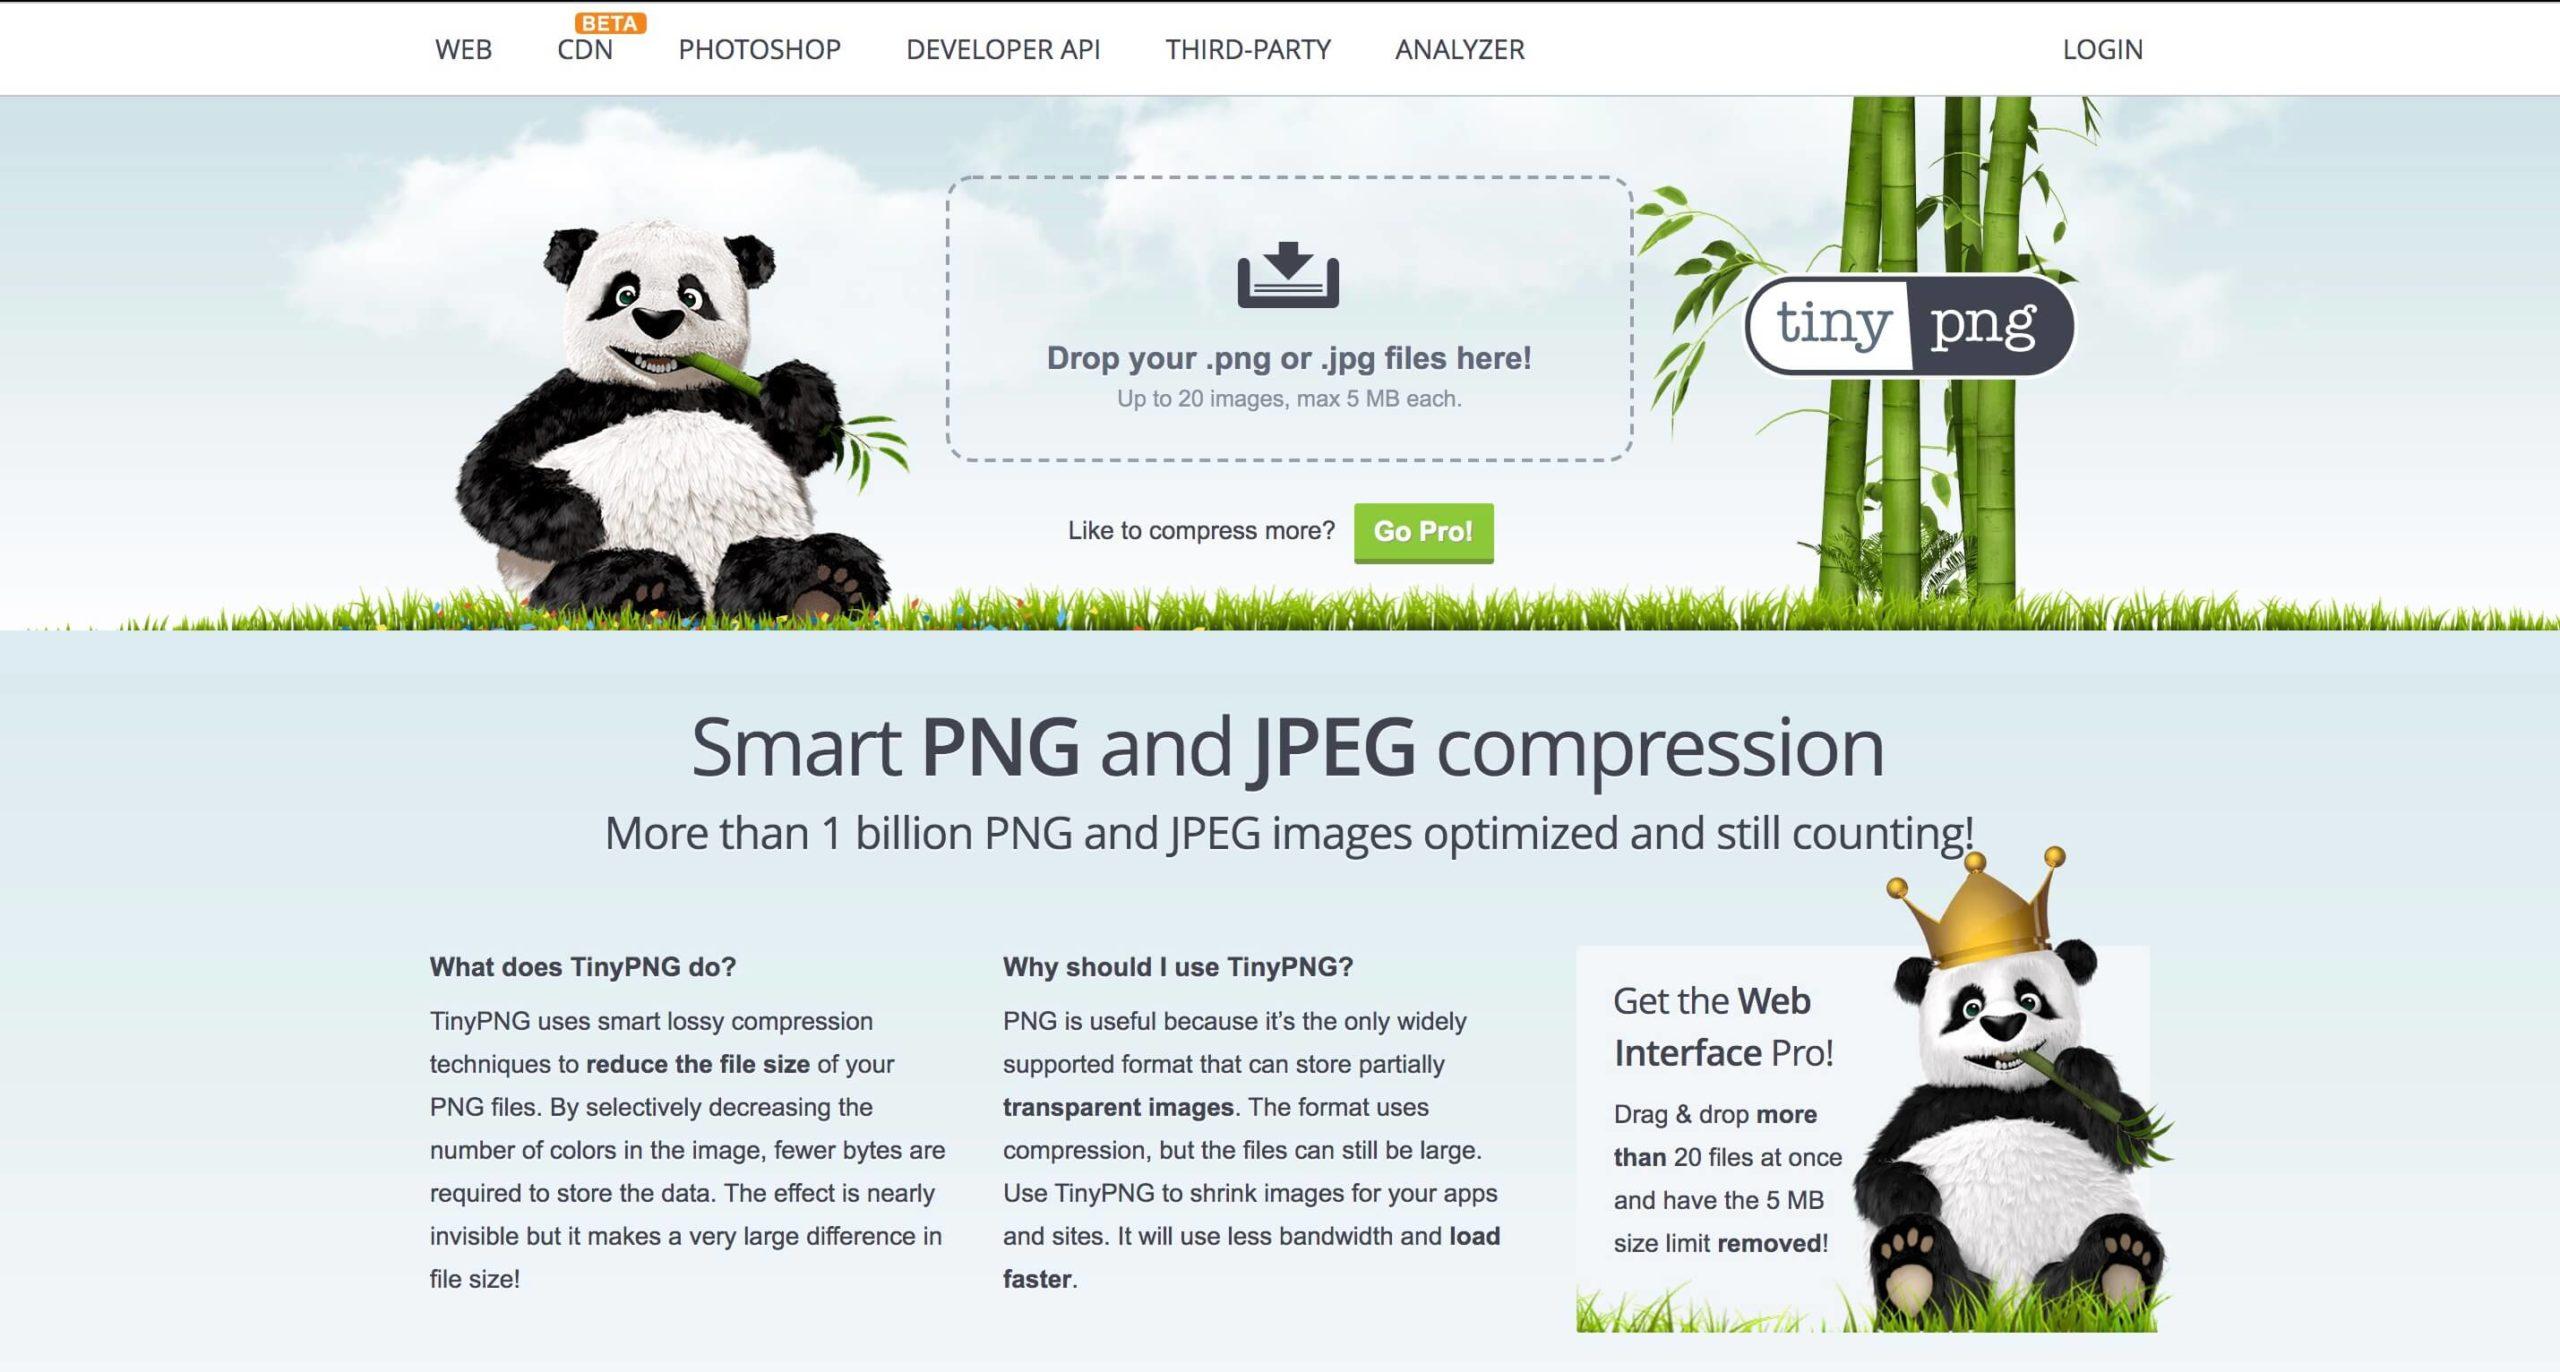 画像圧縮サイト